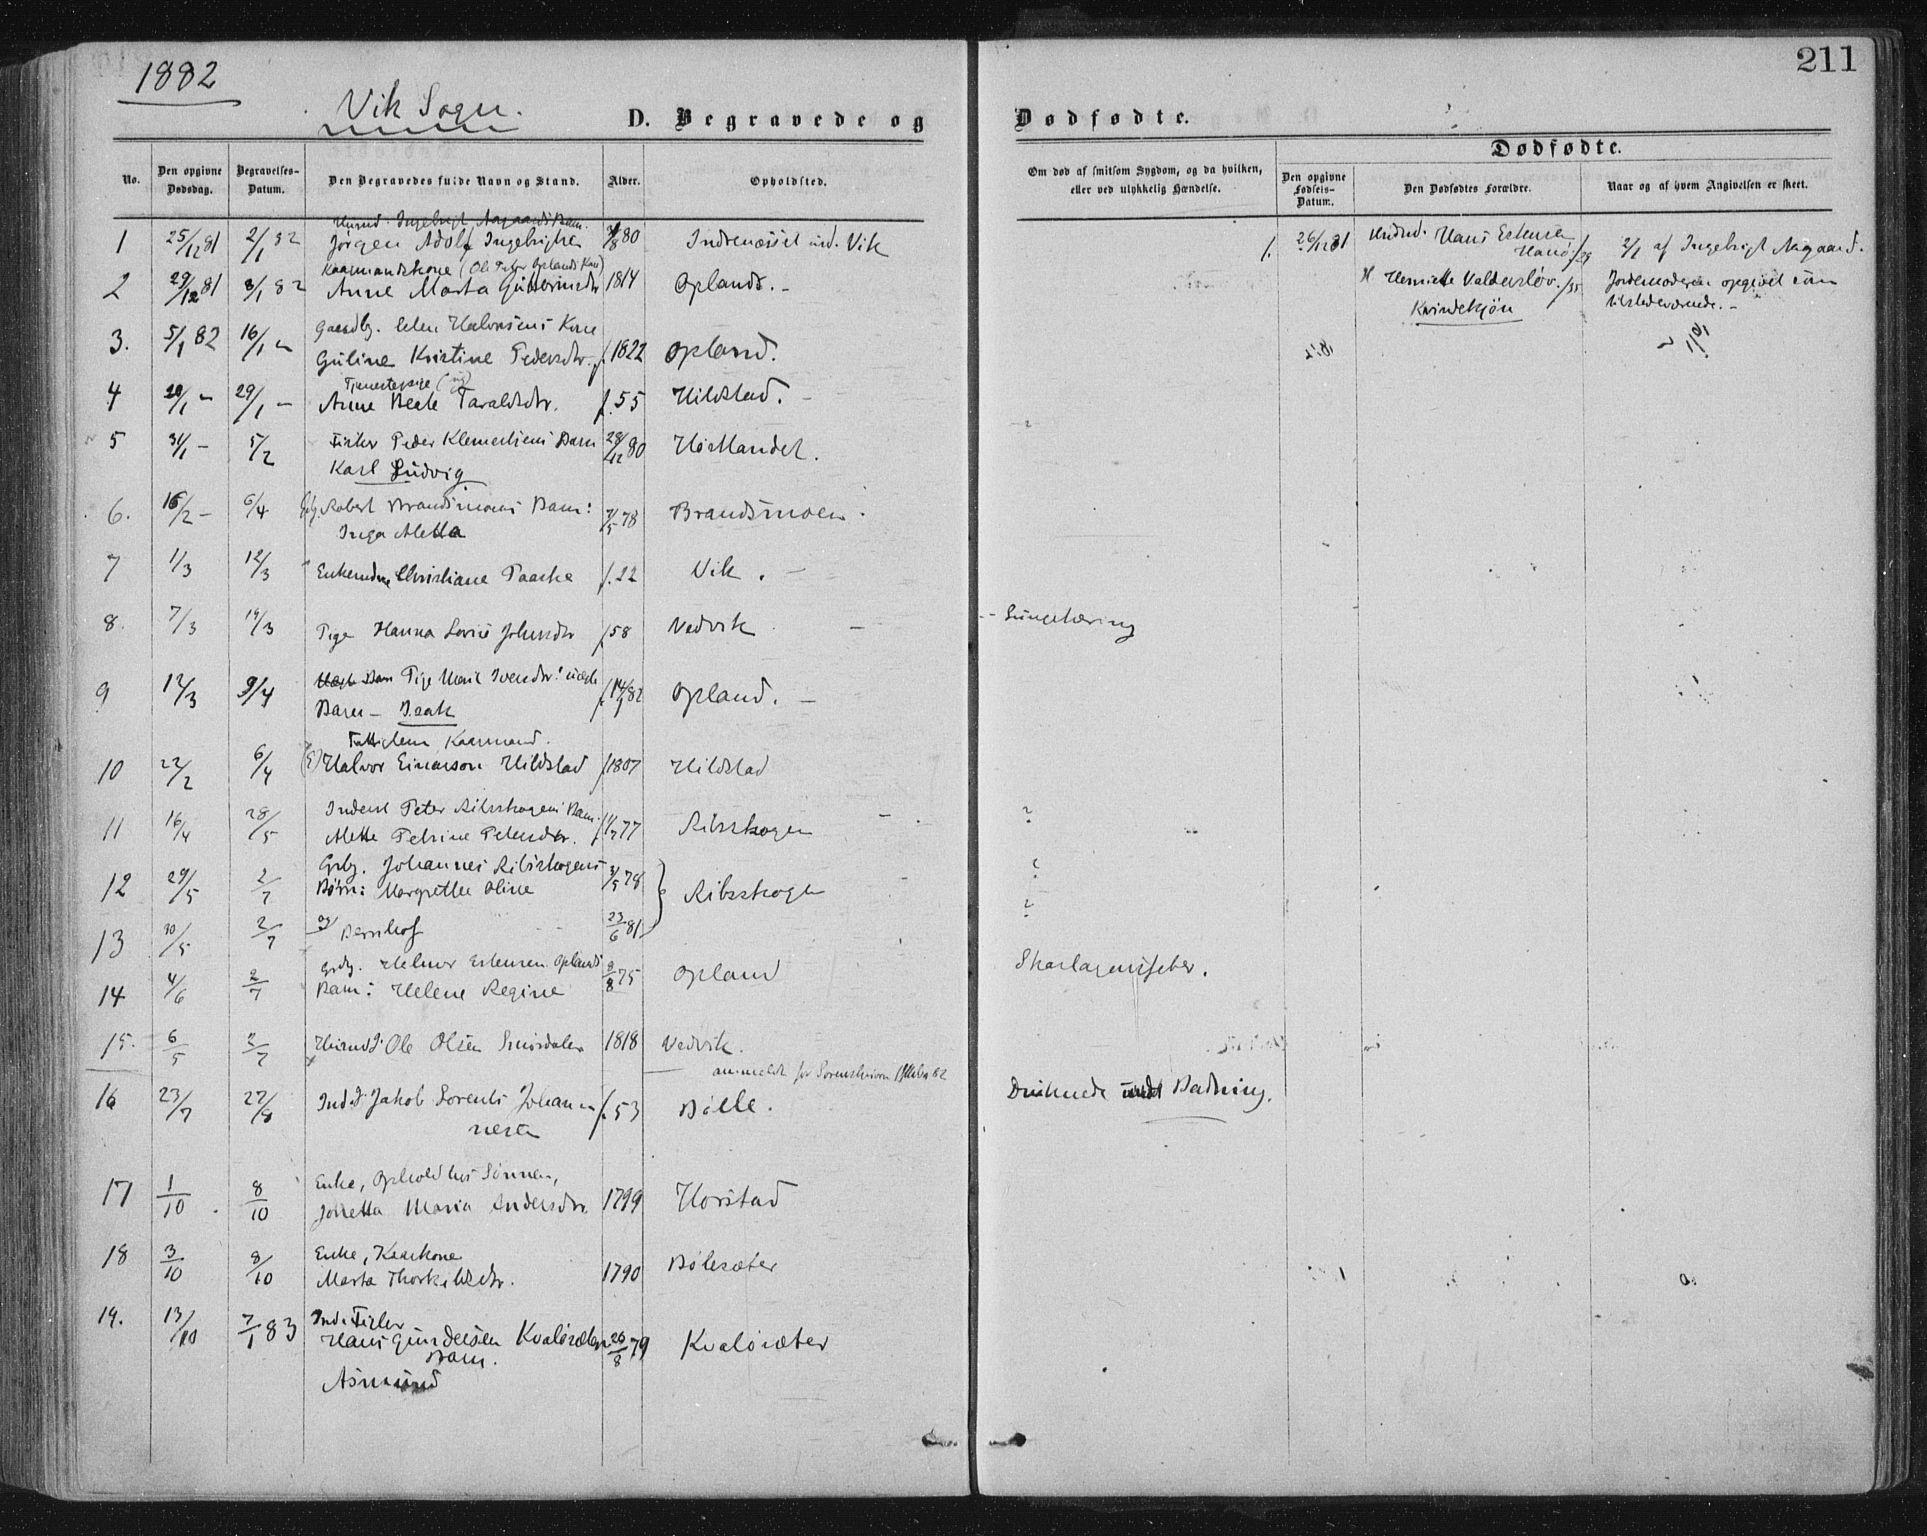 SAT, Ministerialprotokoller, klokkerbøker og fødselsregistre - Nord-Trøndelag, 771/L0596: Ministerialbok nr. 771A03, 1870-1884, s. 211